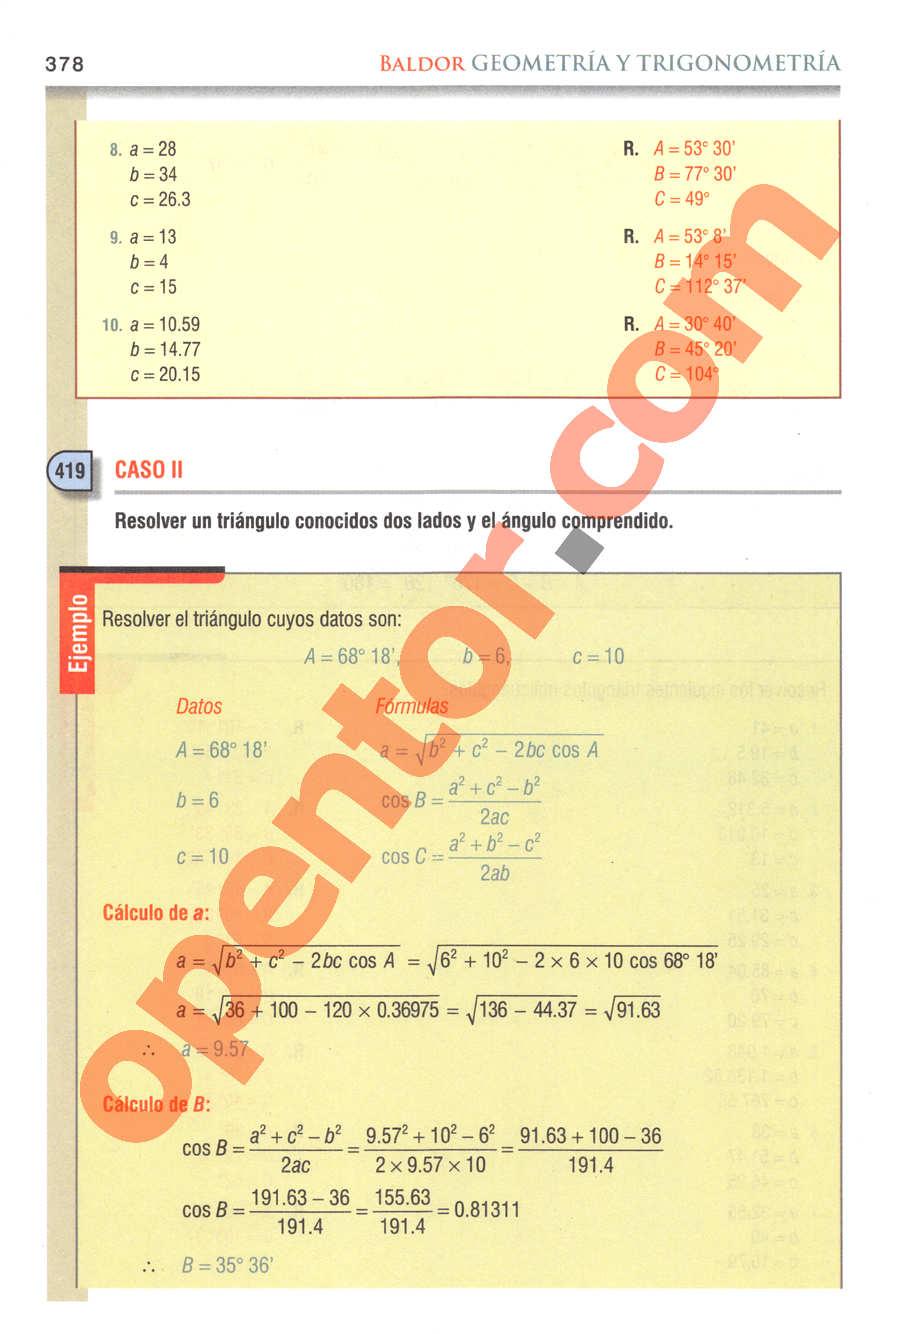 Geometría y Trigonometría de Baldor - Página 378